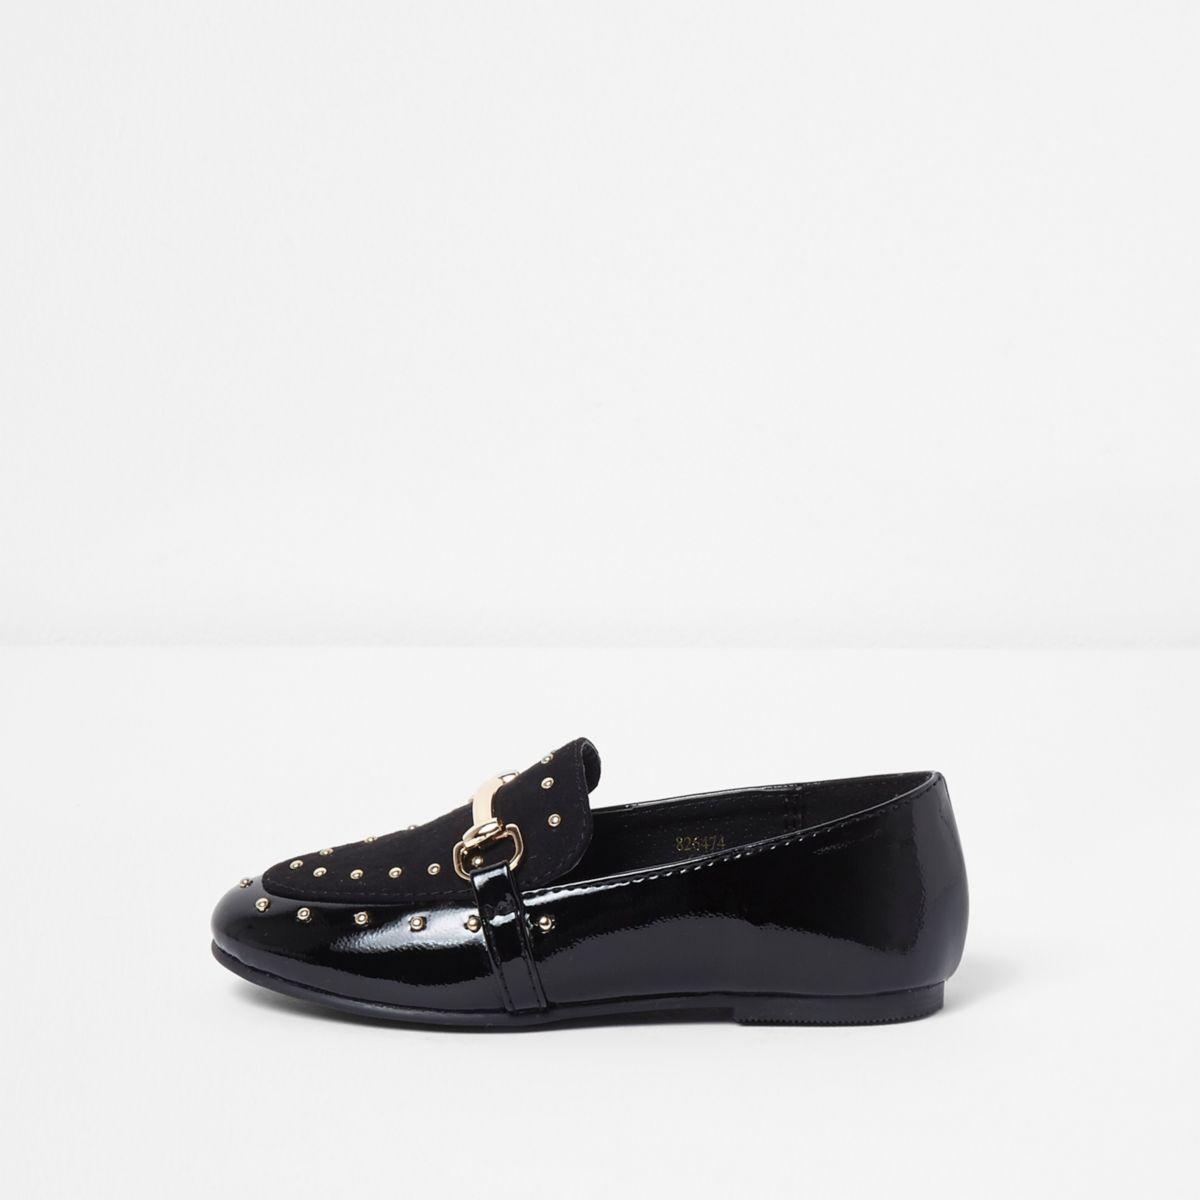 Schwarze, nietenverzierte Loafer